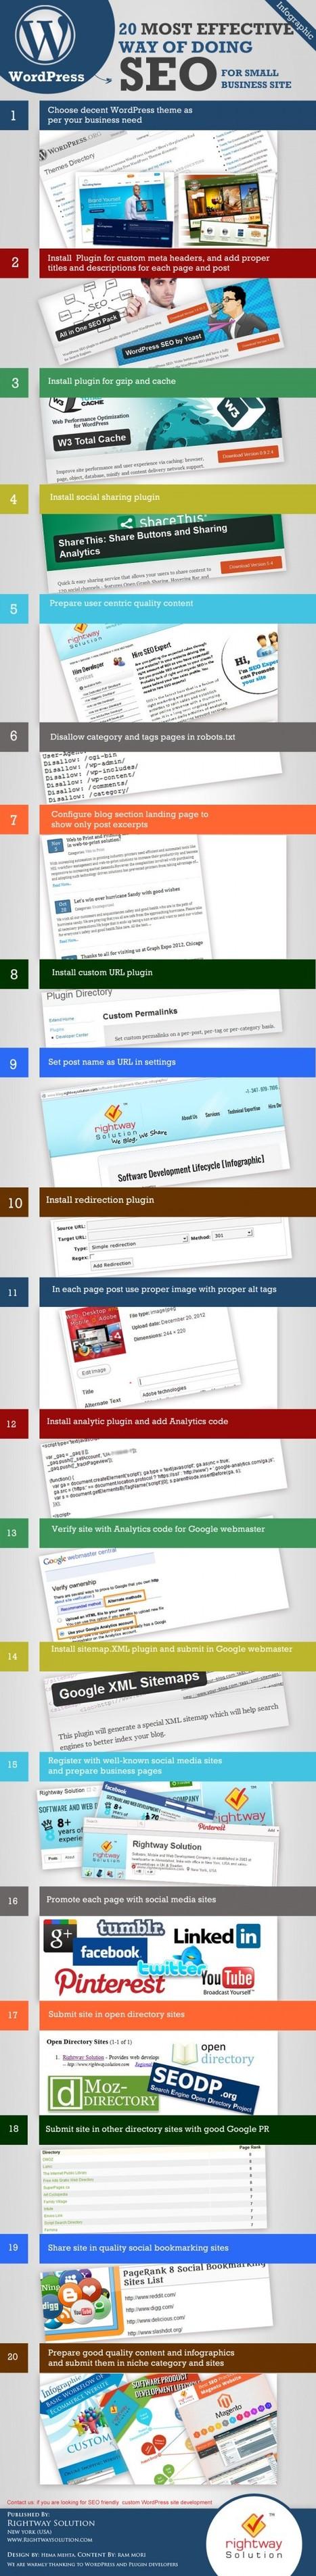 Infographie : 20 façons d'optimiser sous Wordpress son blog ou son site ! | Gérer sa communauté sur la toile | Scoop.it